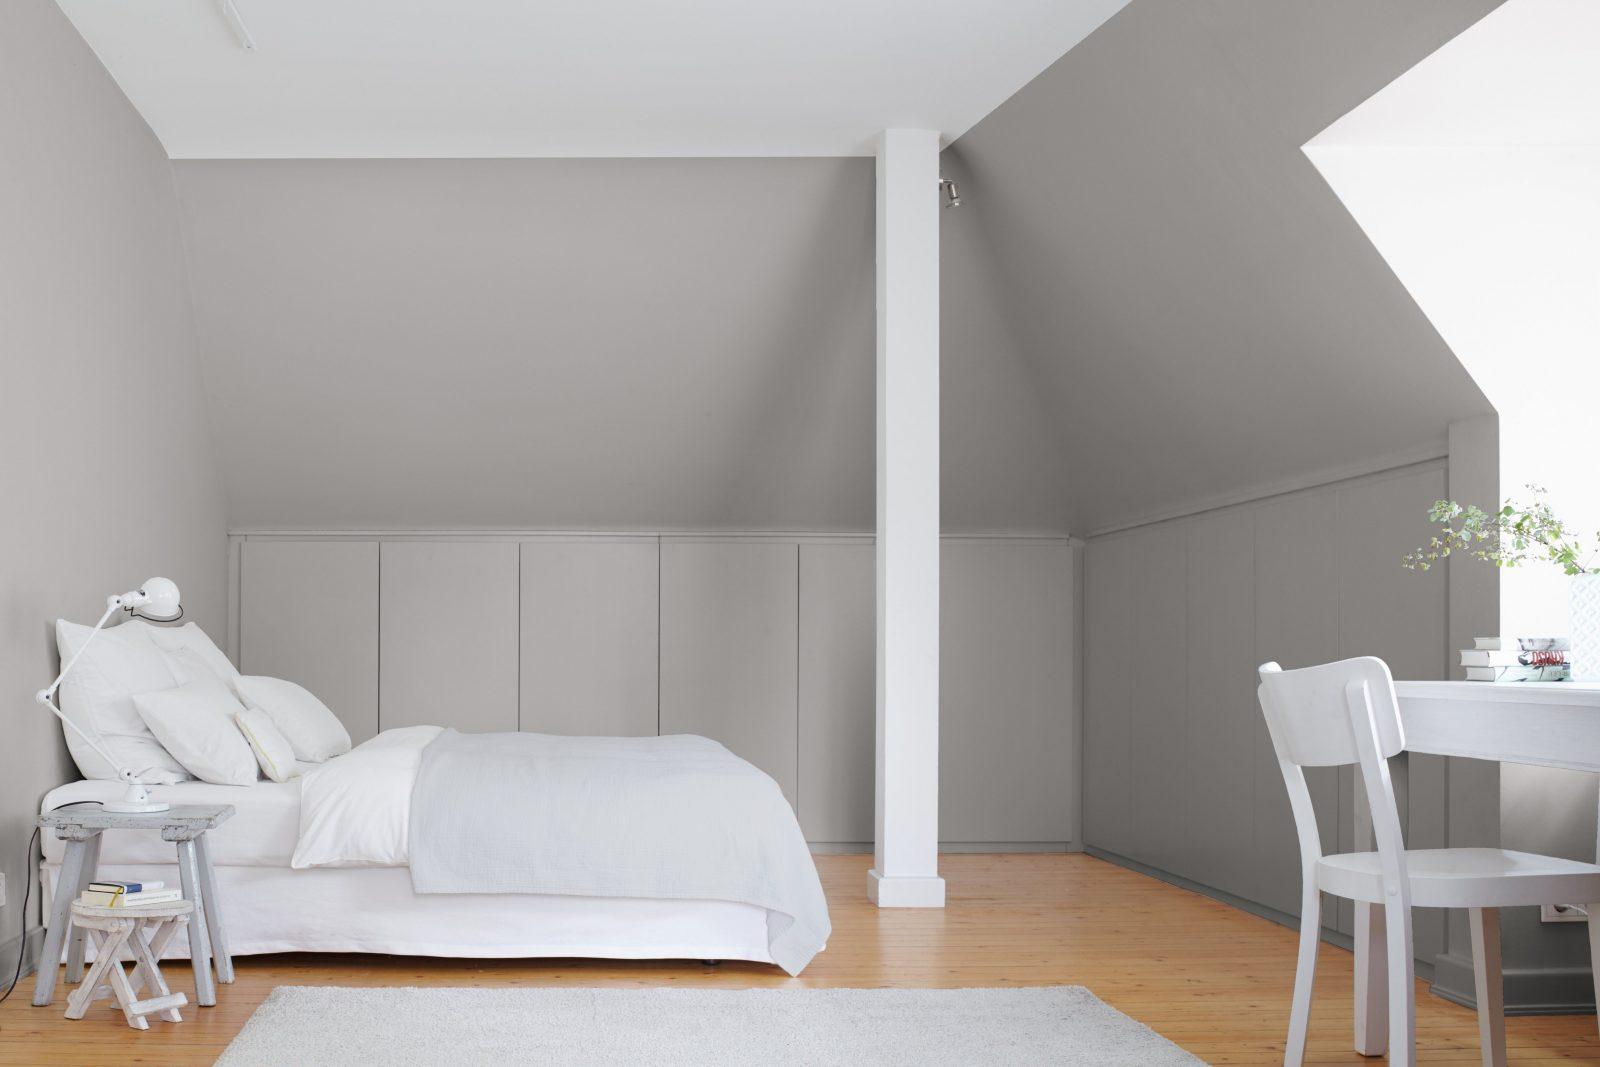 Kleine Zimmer Dachschrägen Optisch Vergrößern Alpina Farbe & Wirkung von Zimmer Mit Dachschrägen Tapezieren Bild